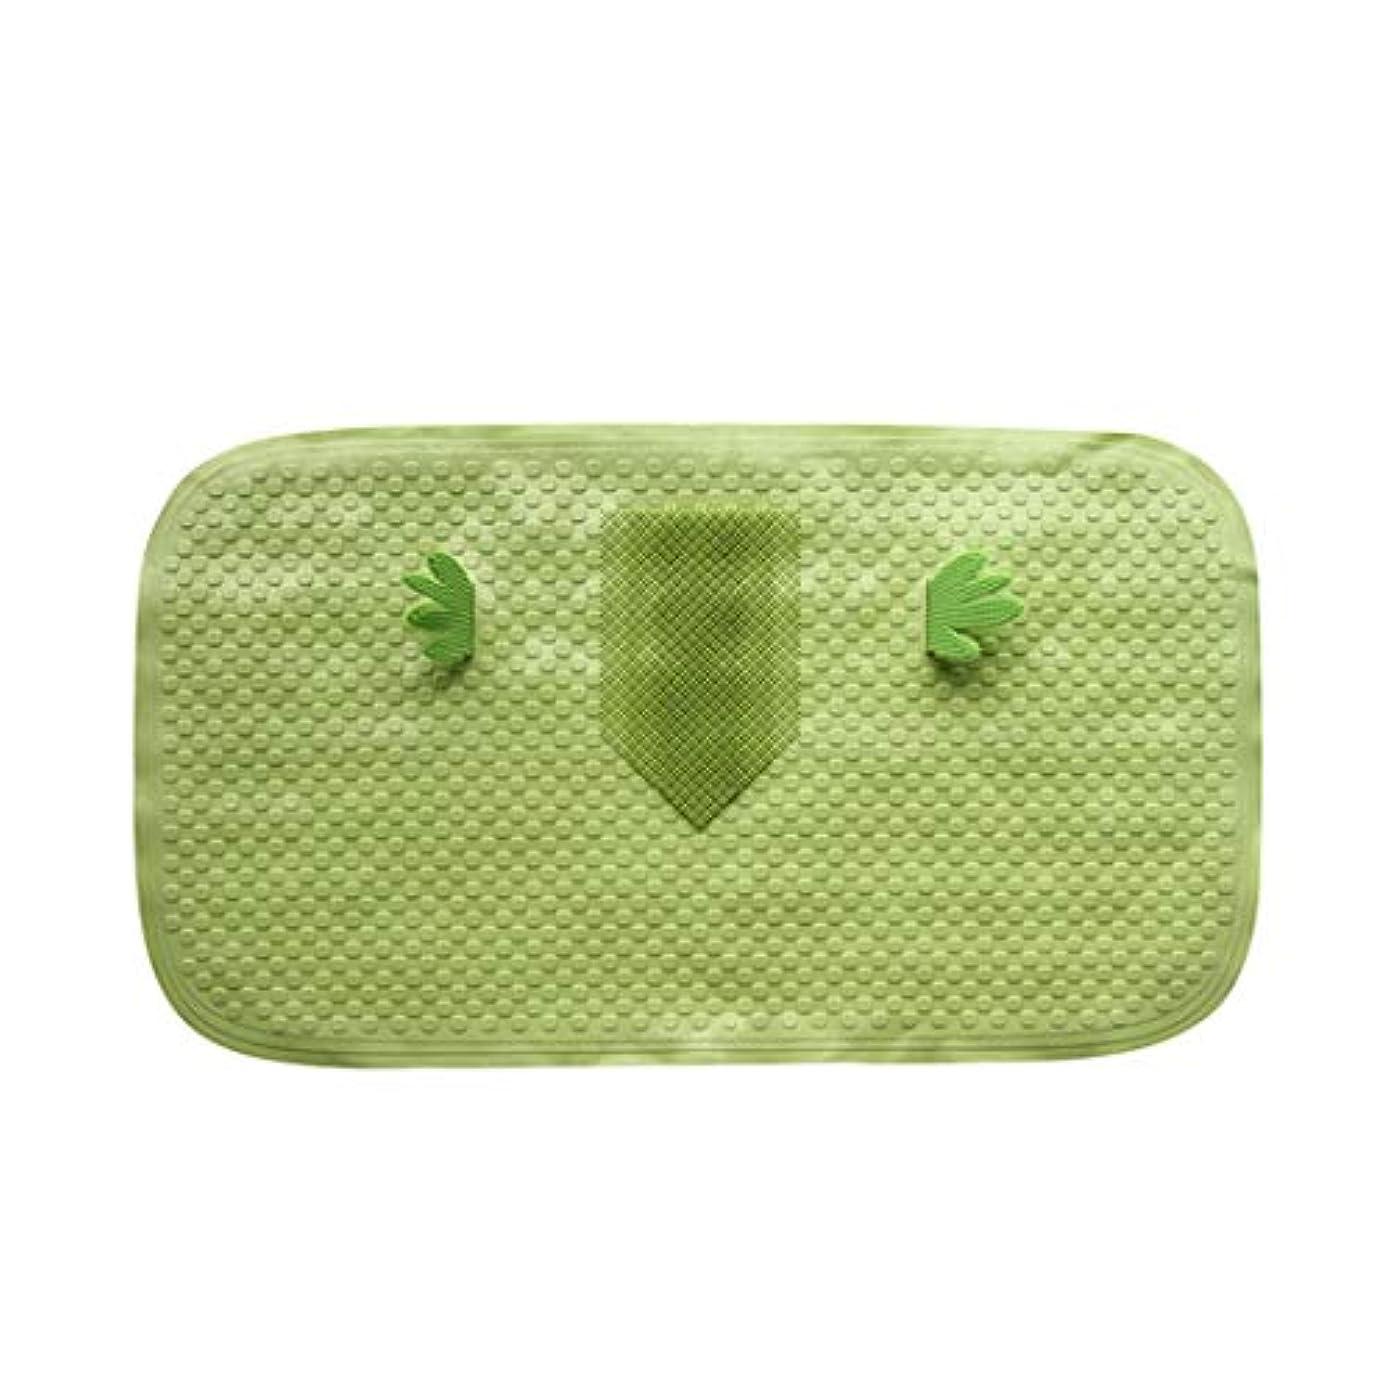 抑圧外出十分Swiftgood バスシャワー浴槽マットスクエア、洗濯機で洗えます、抗菌、バスルームマット付き排水